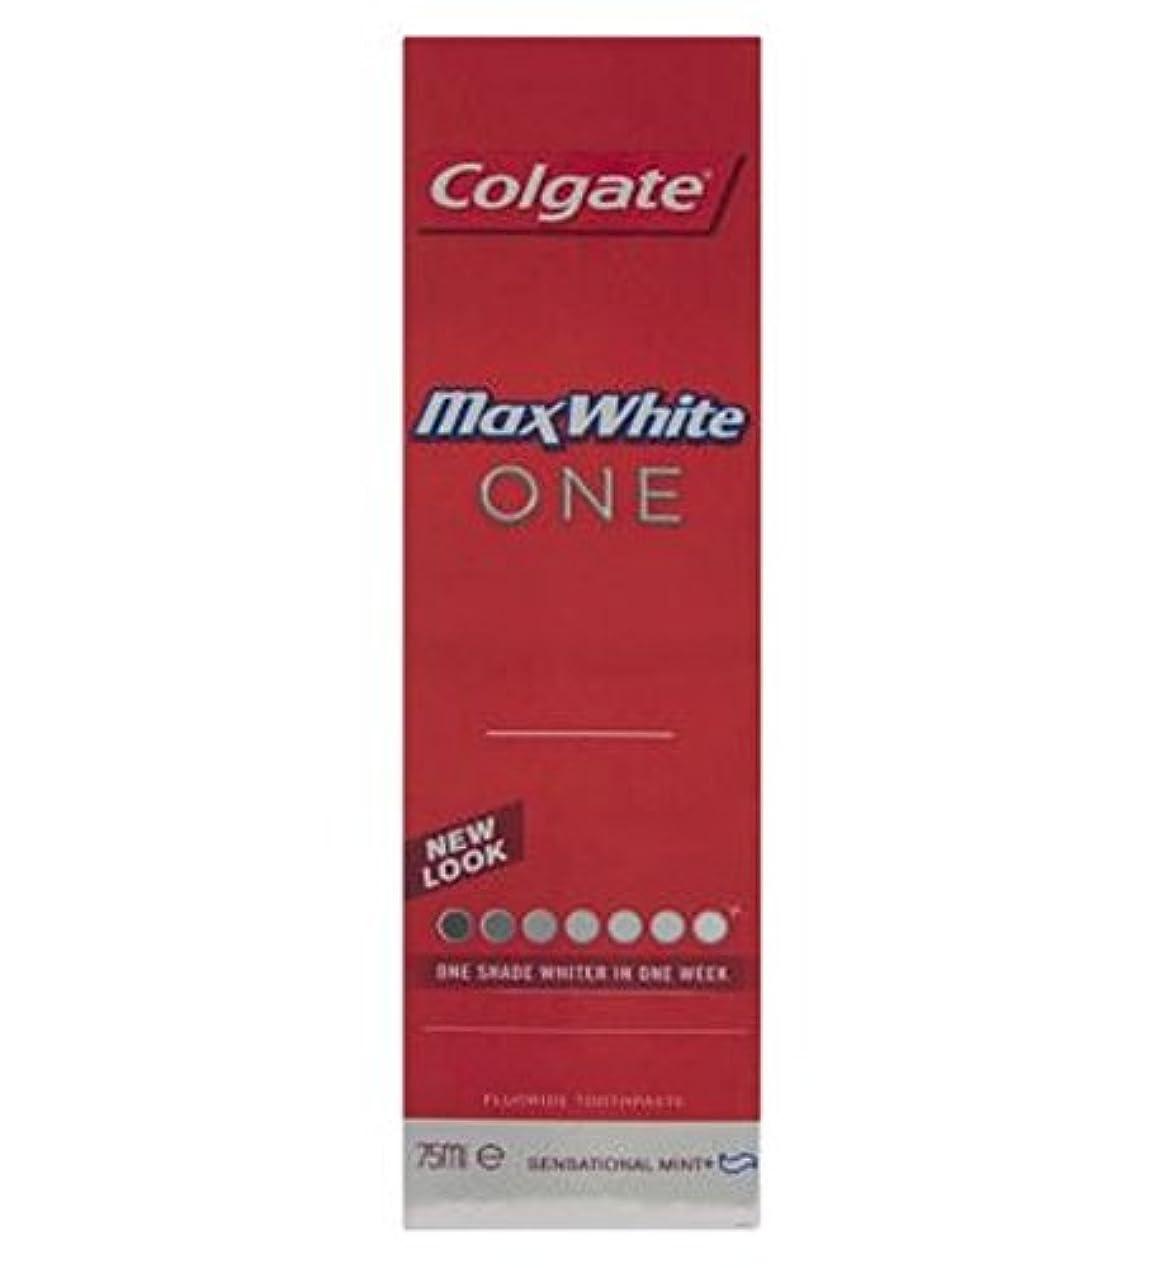 かかわらず体貢献するColgate Max White One Fresh toothpaste 75ml - コルゲートマックスホワイト1新鮮な歯磨き粉75ミリリットル (Colgate) [並行輸入品]